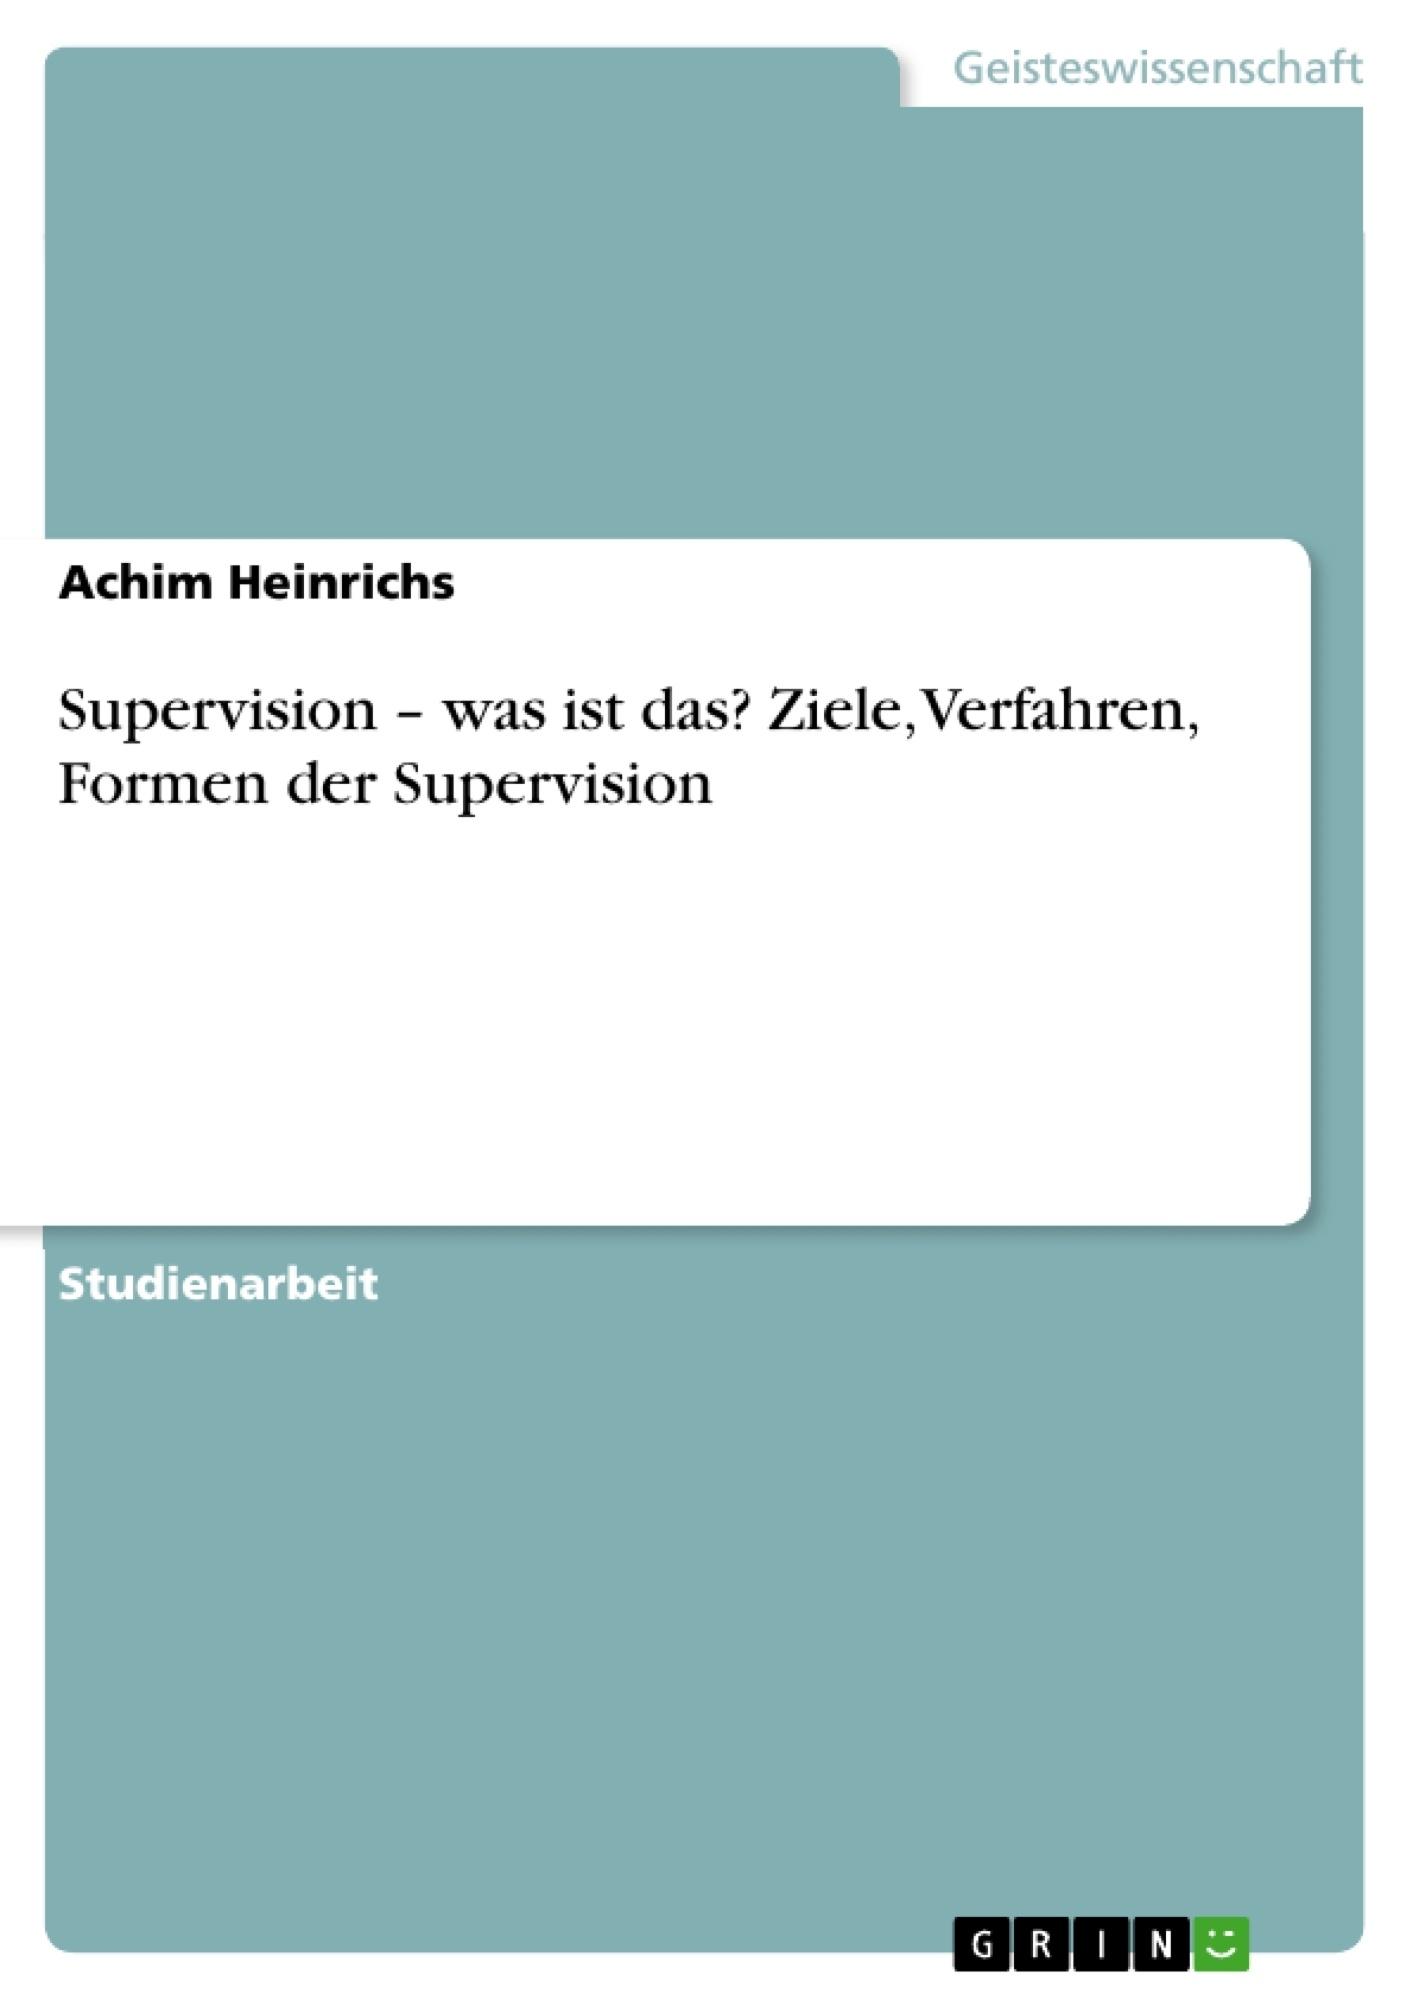 Titel: Supervision – was ist das? Ziele, Verfahren, Formen der Supervision